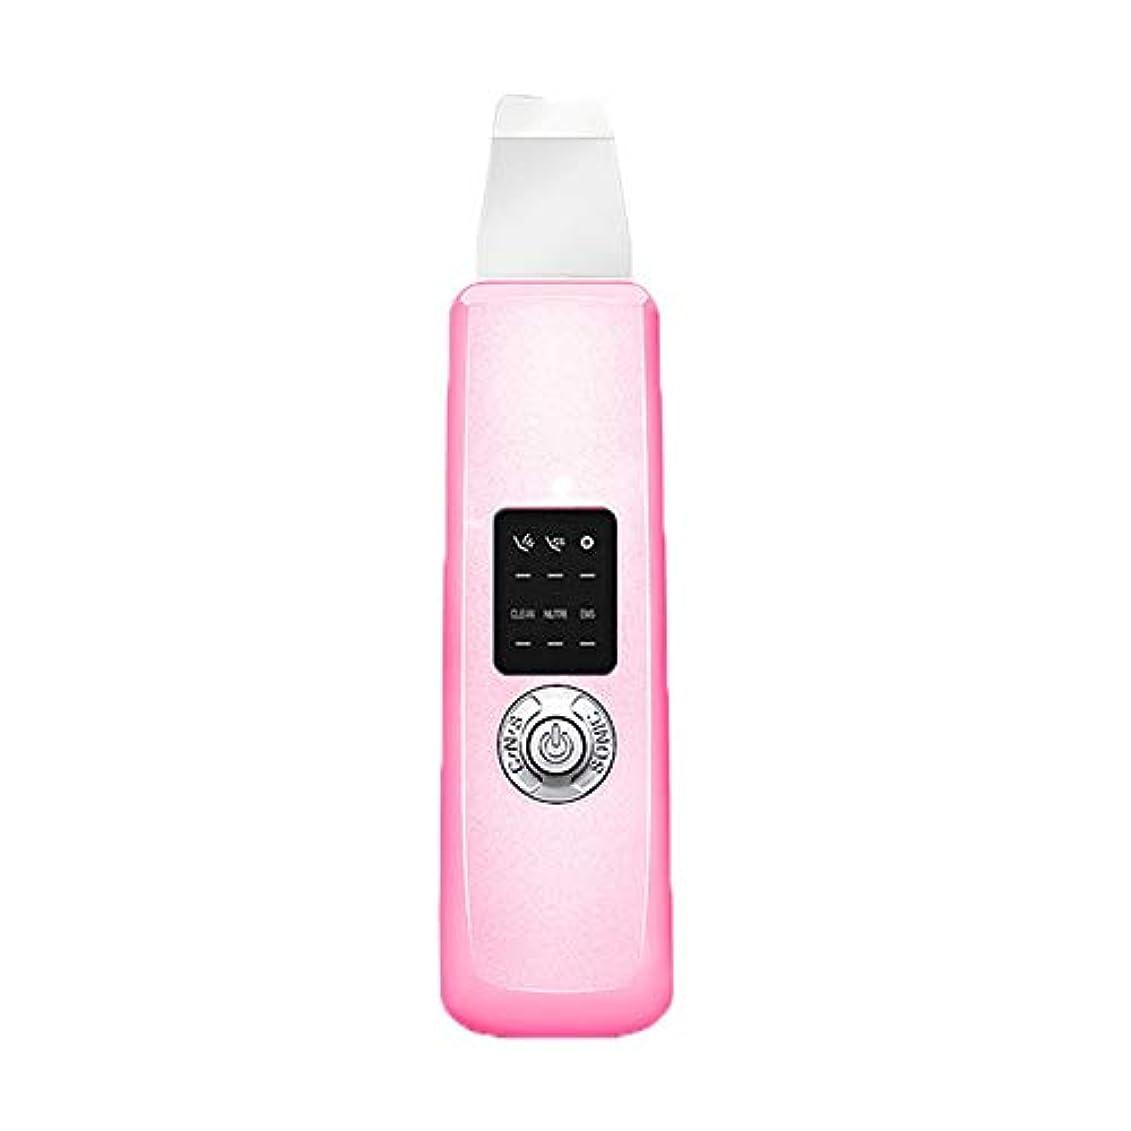 眠いですコストイブにきび除去剤、にきび毛穴クリーナーにきびに電気吸引ブラックヘッドアーティファクト電子美容洗剤,ピンク